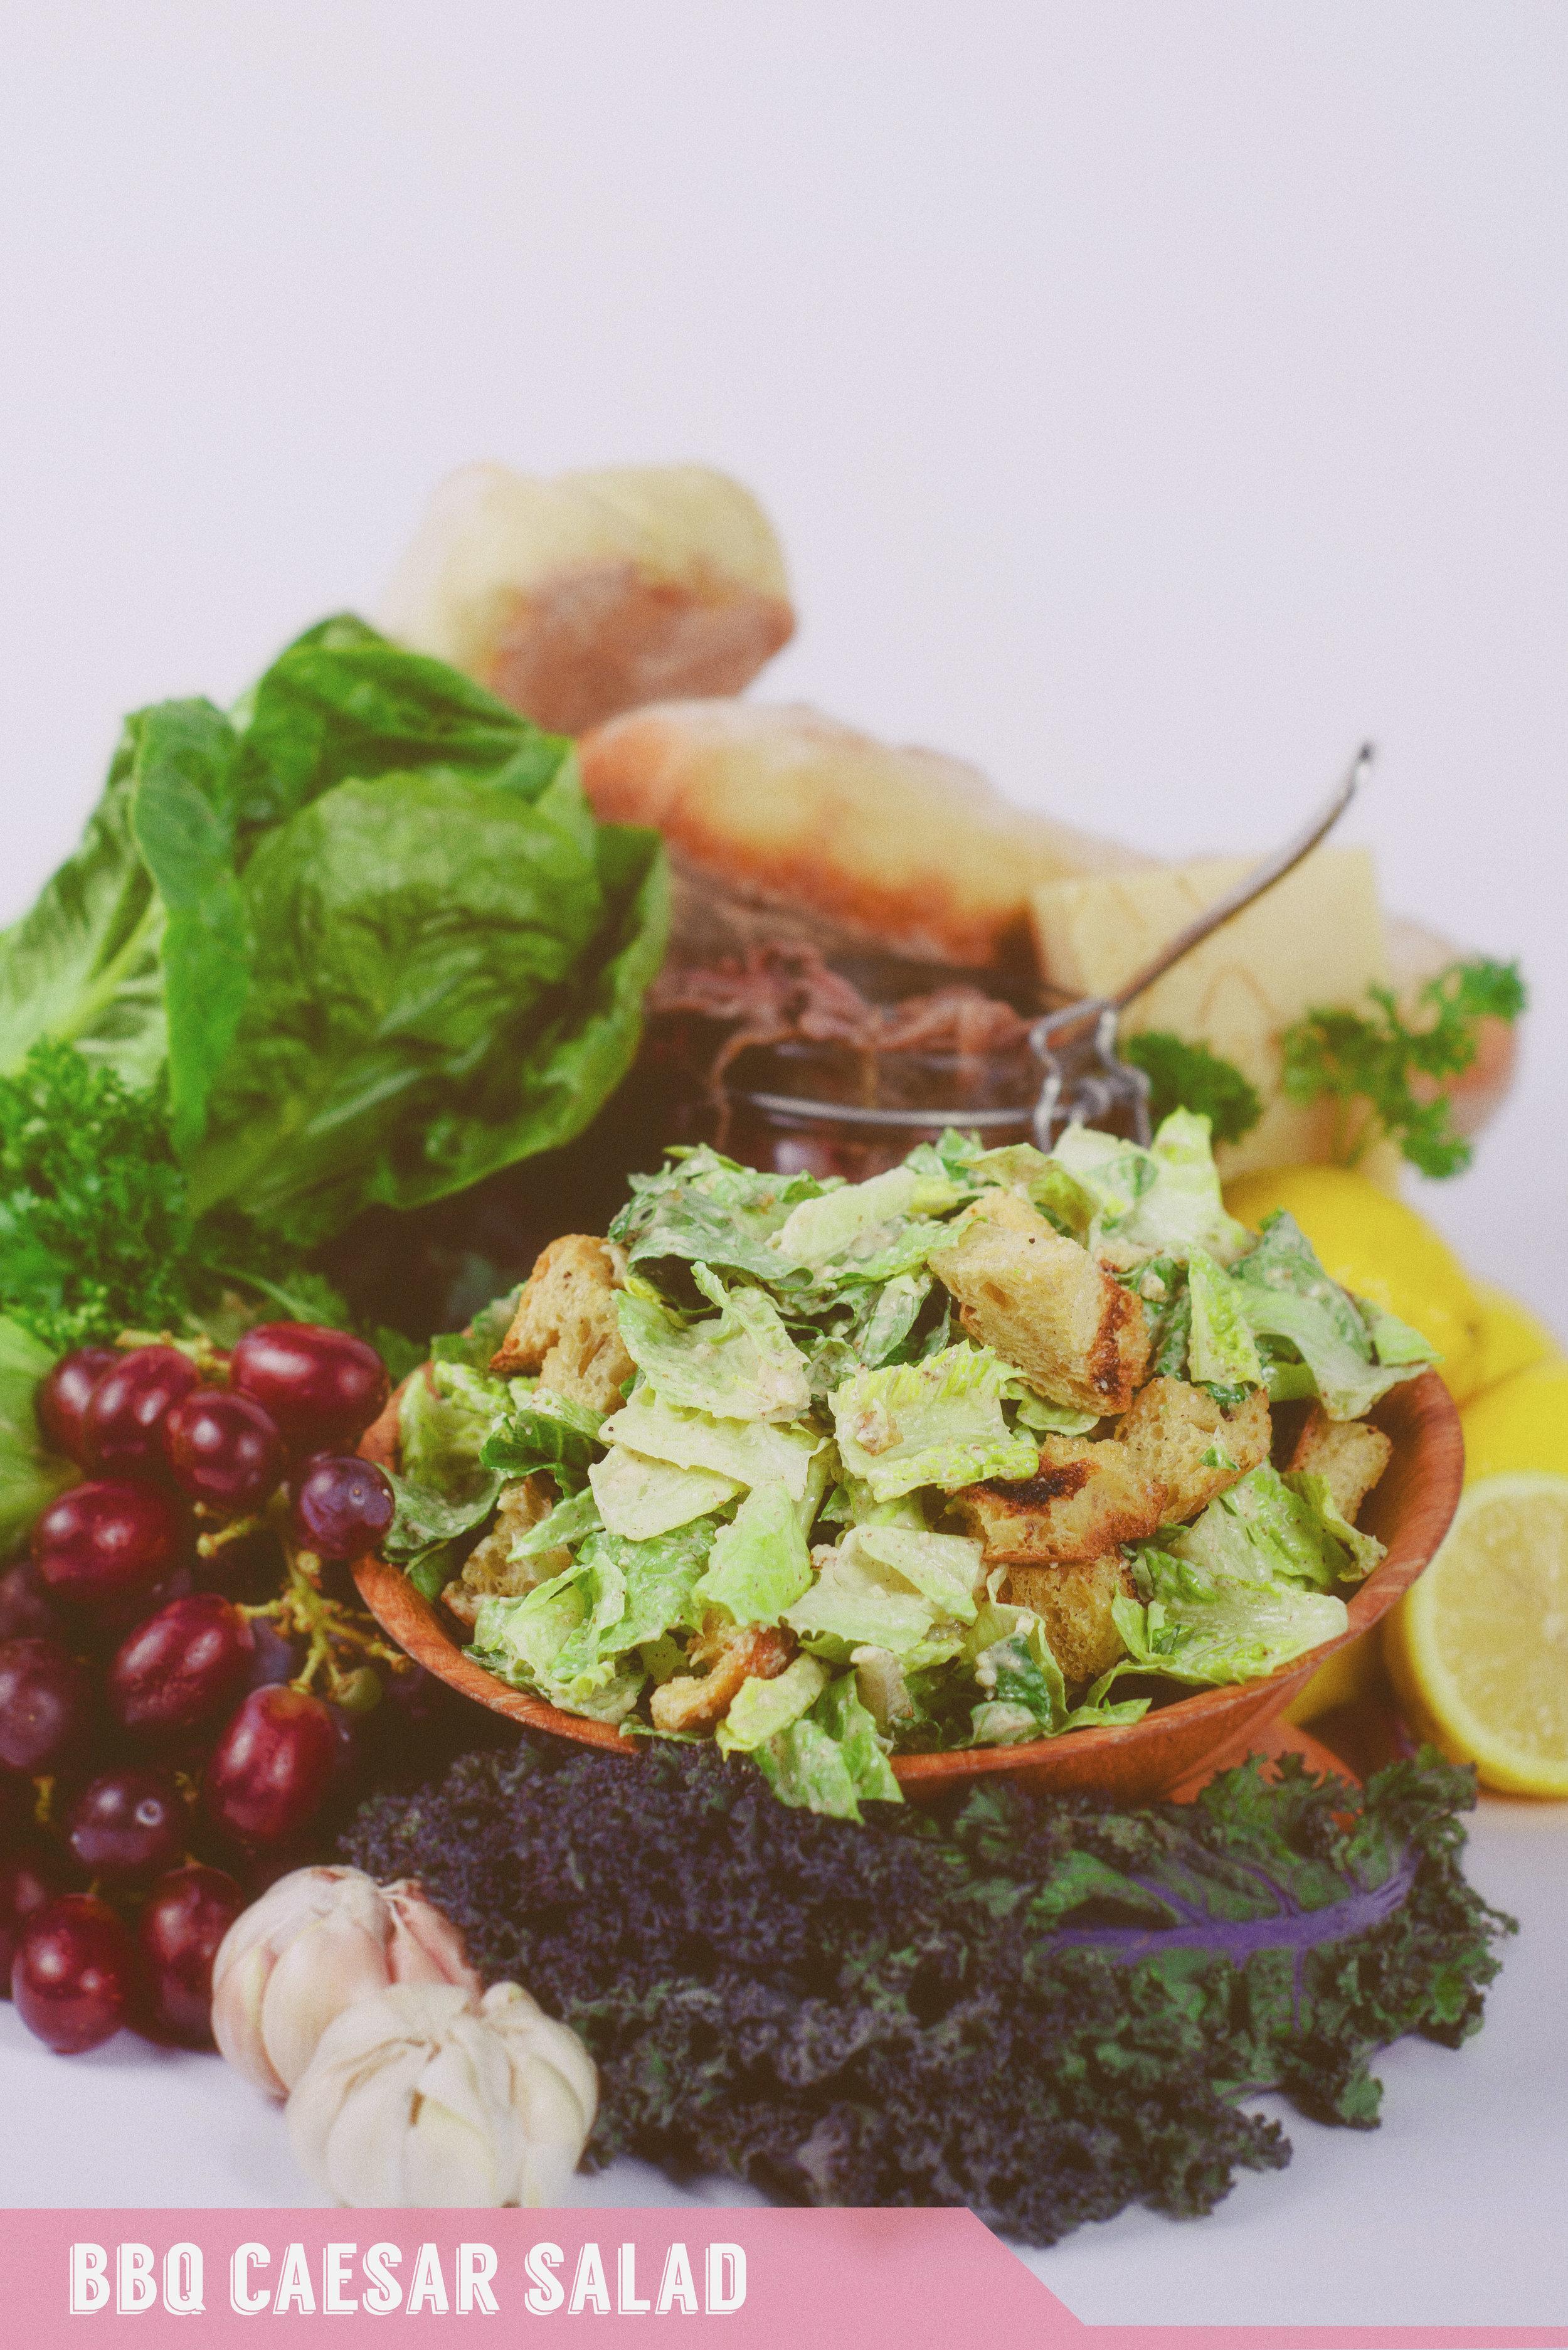 BBQ caesar salad.jpg